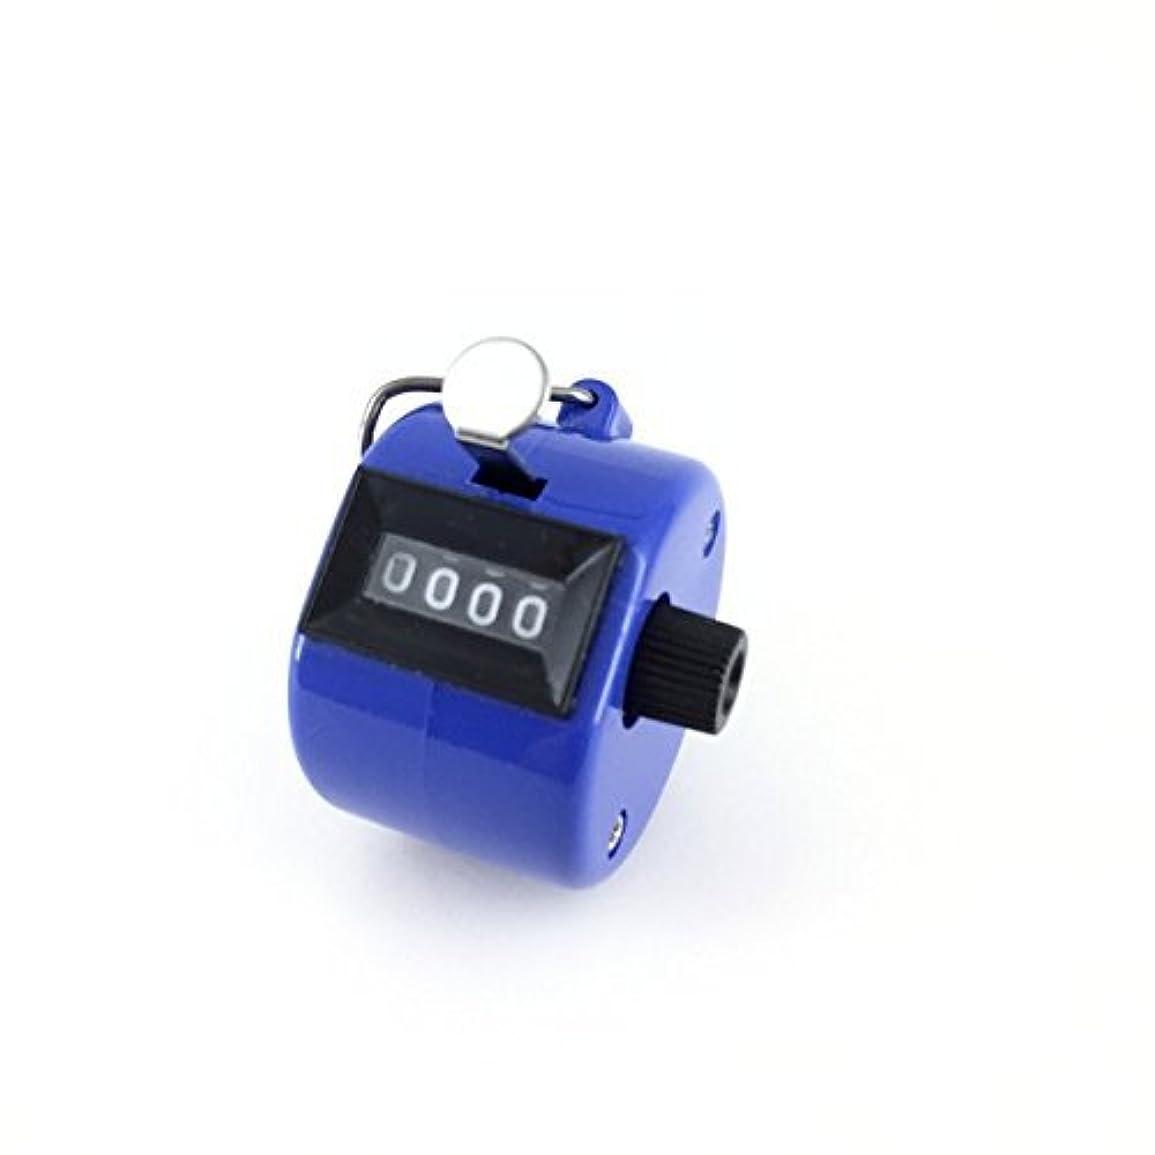 時間厳守キャラバン活発エクステカウンター 手持ちホルダー付き 数取器 まつげエクステ用品 カラー4色 (ブルー)